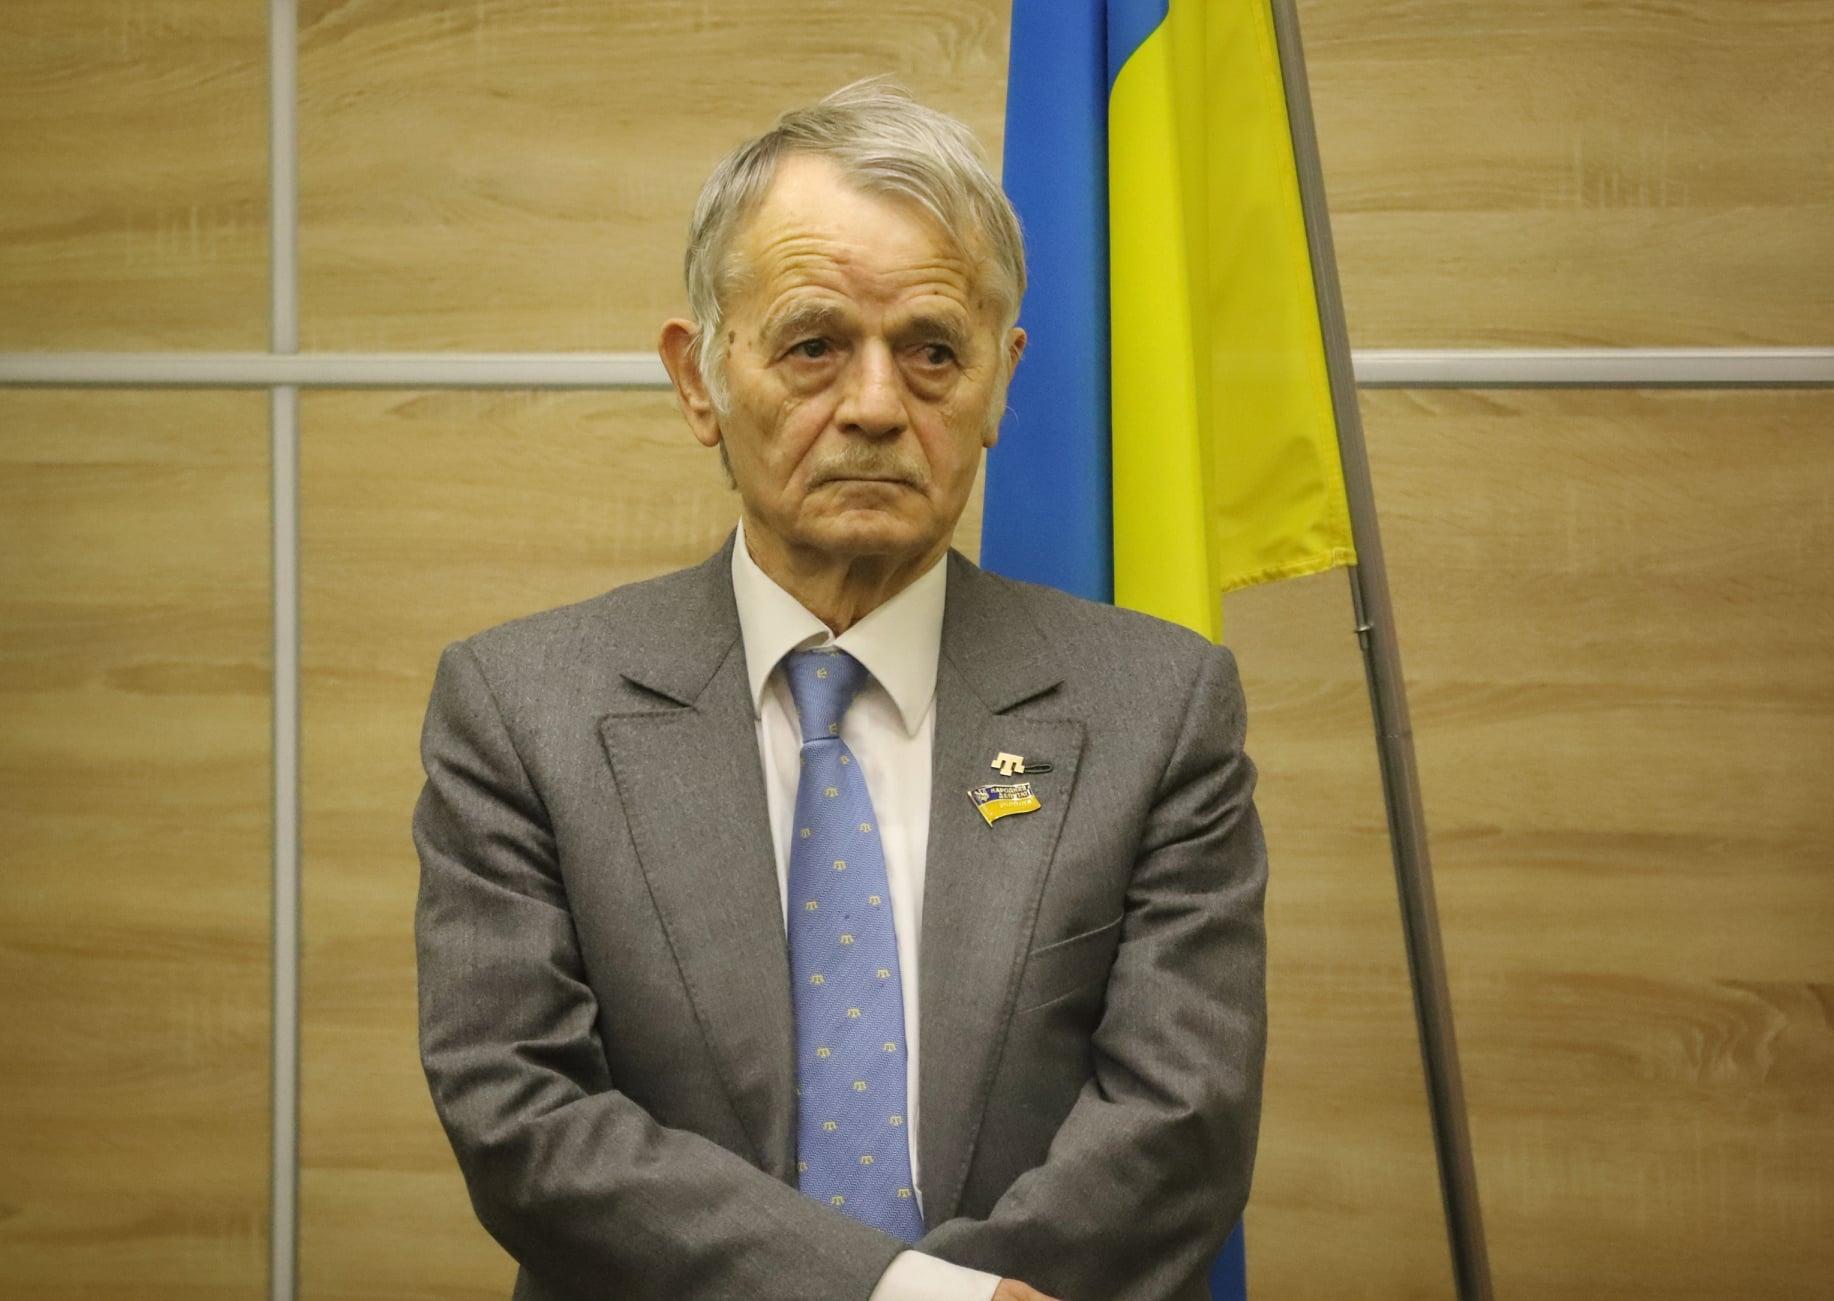 Джемілєв Мустафа (фото: Фейсбук)